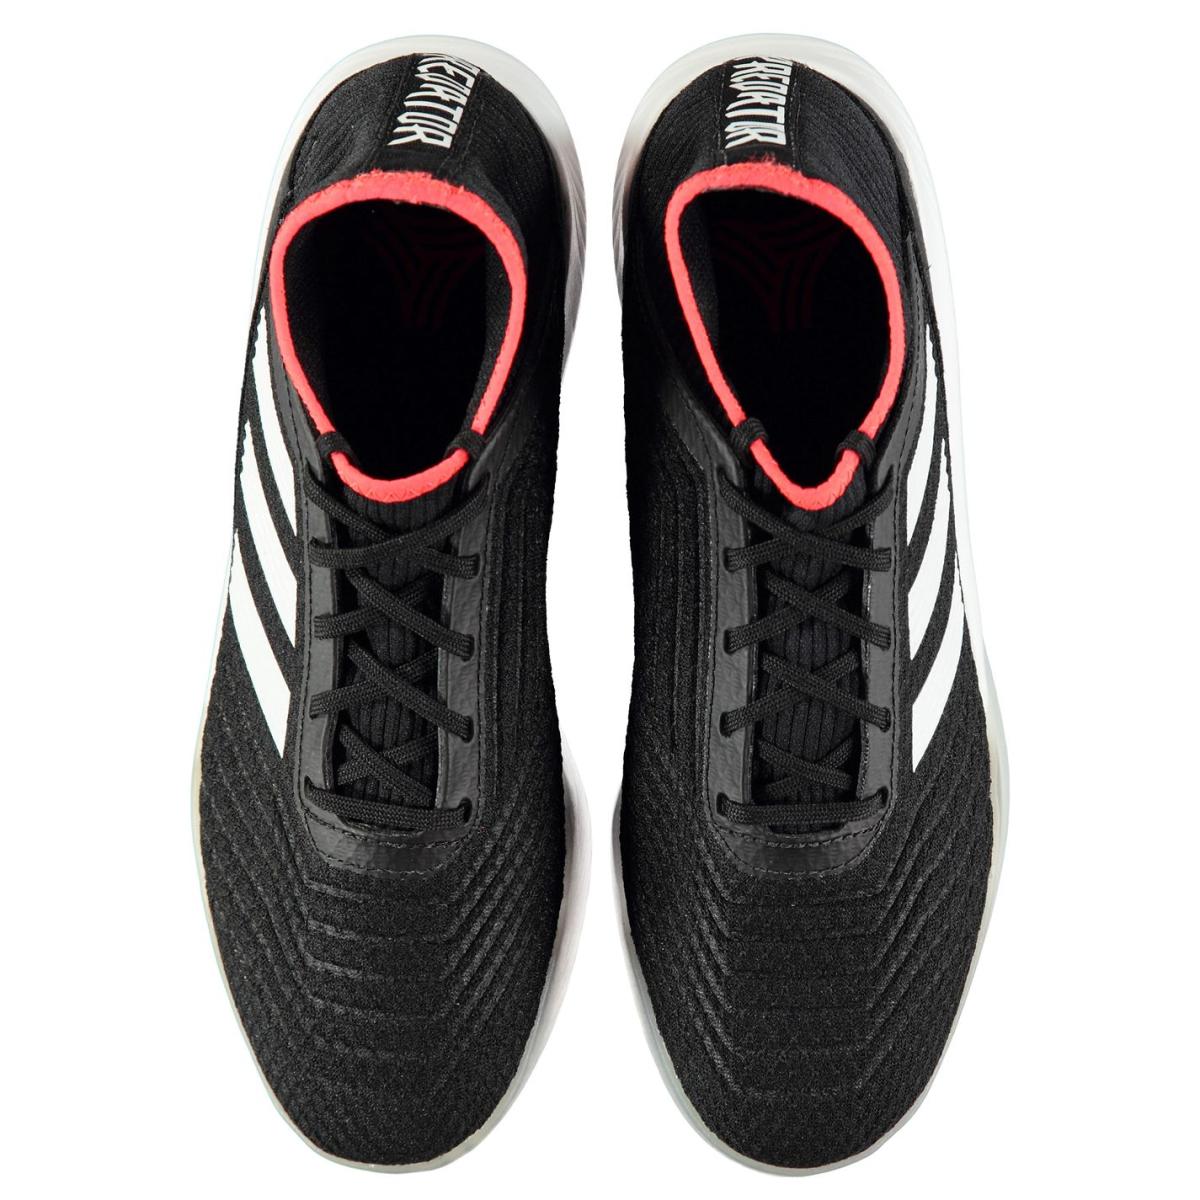 adidas Predator Tango 18.3 Herren Indoor Fußballschuhe Schwarz_Weiß_Rot